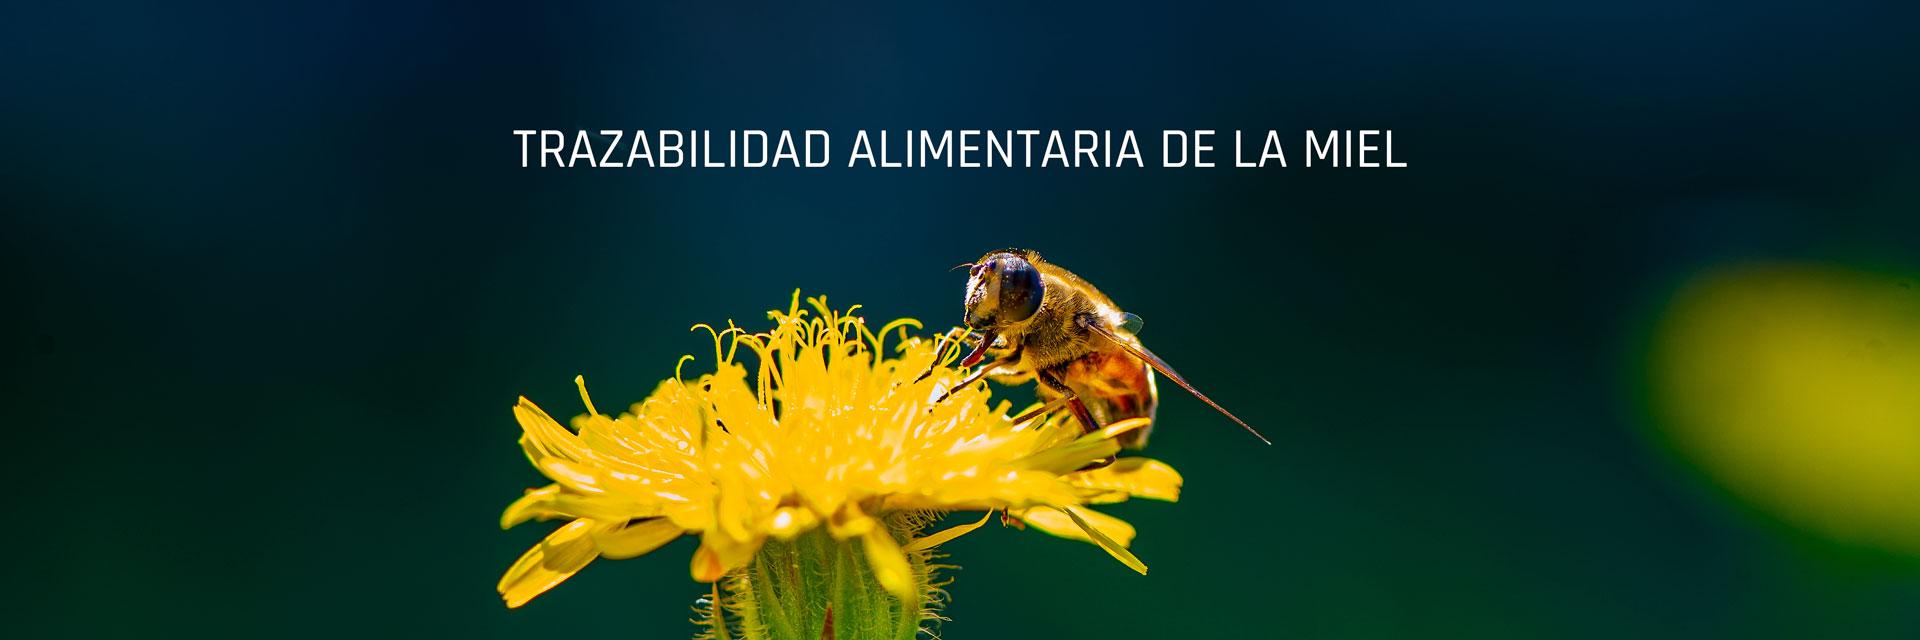 trazabilidad-alimentaria-miel-baner